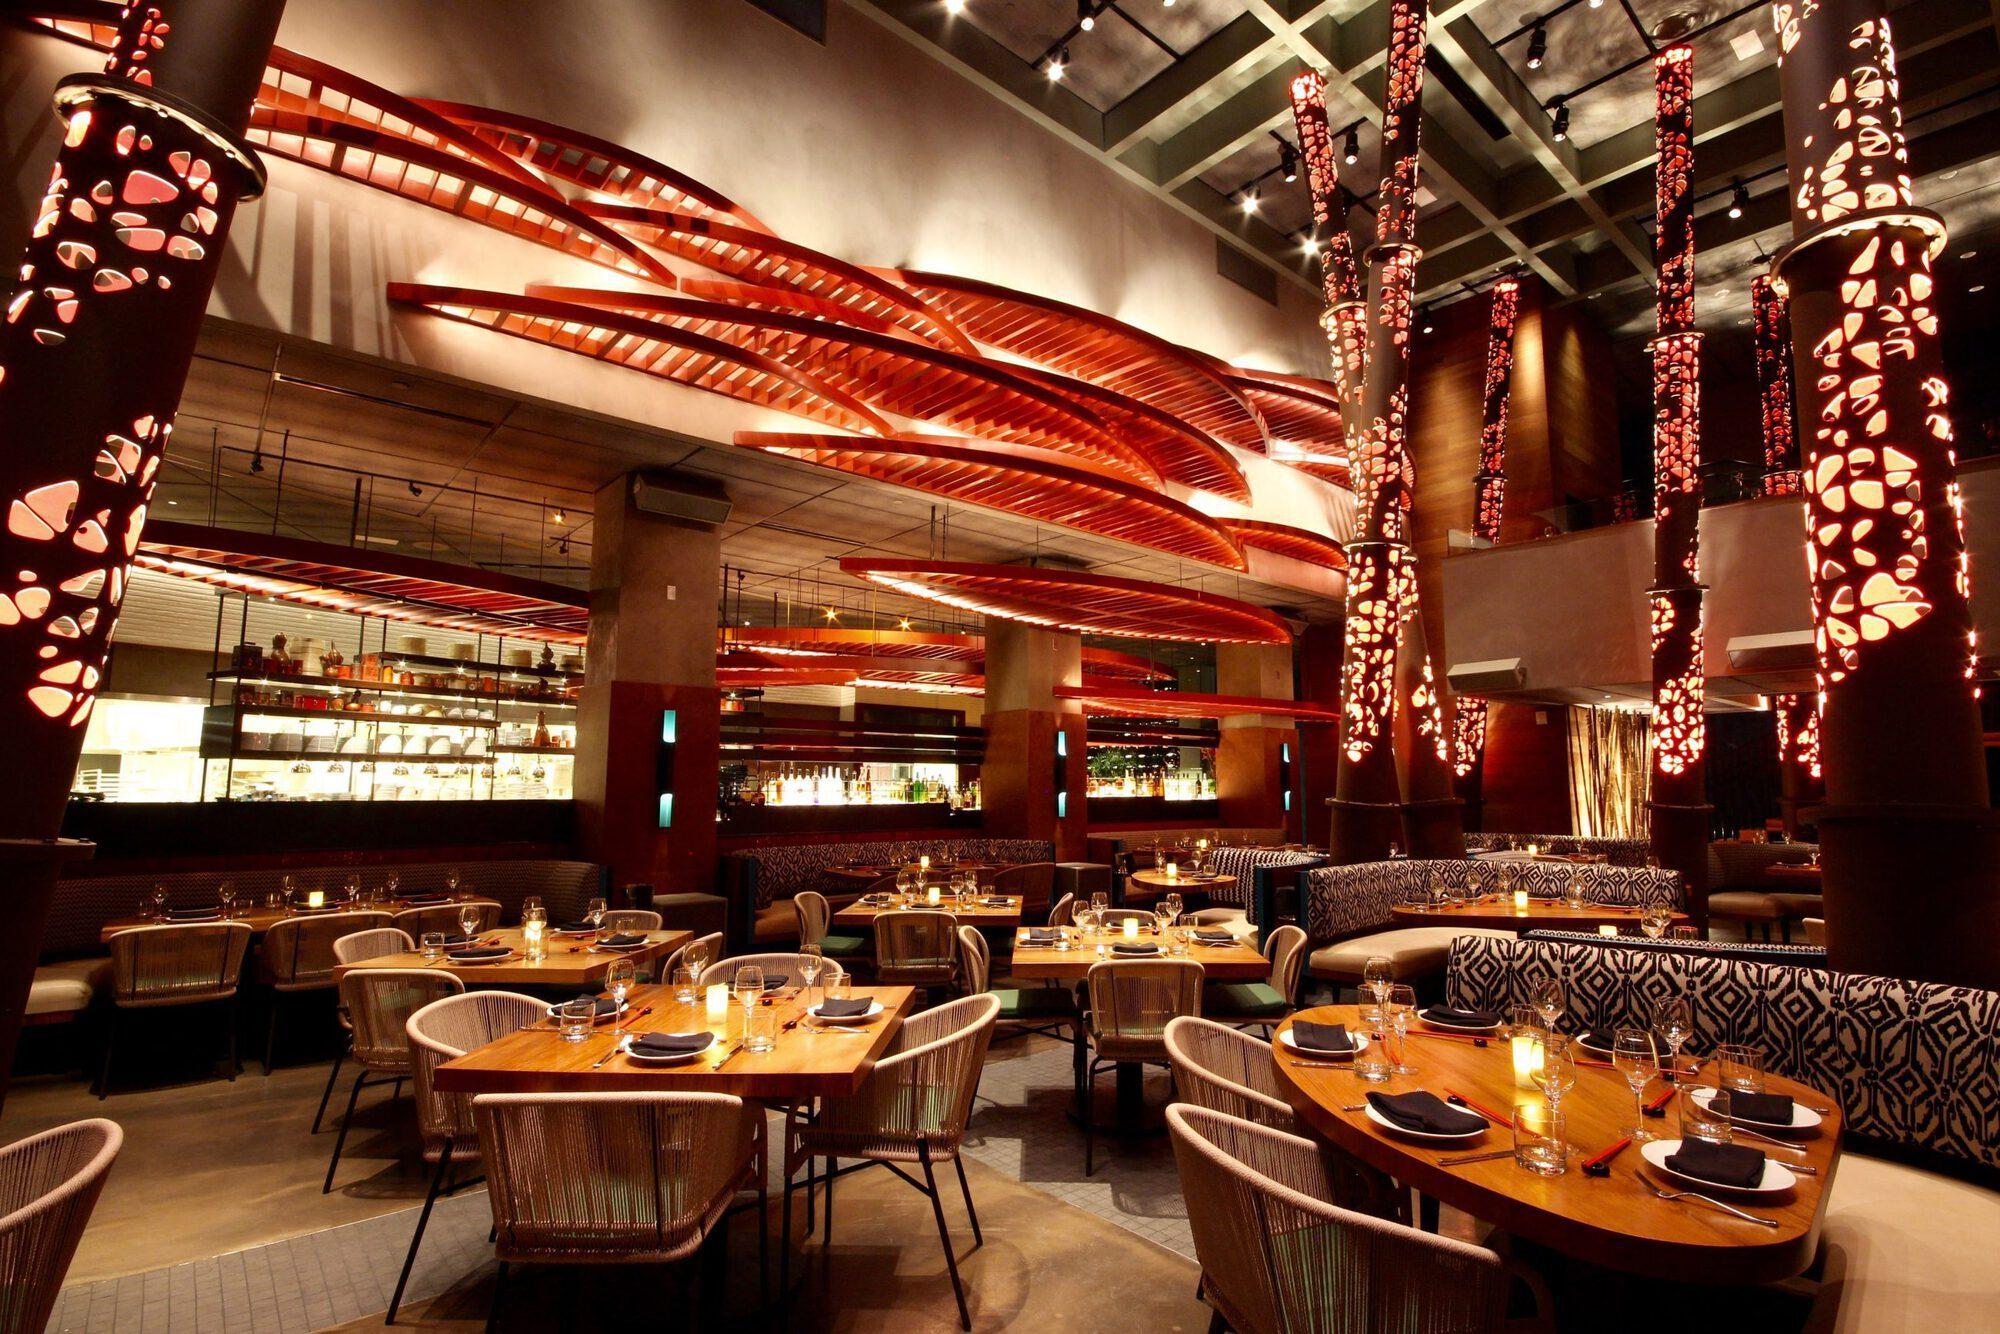 Beautiful restaurant designs that meet… smoke fire